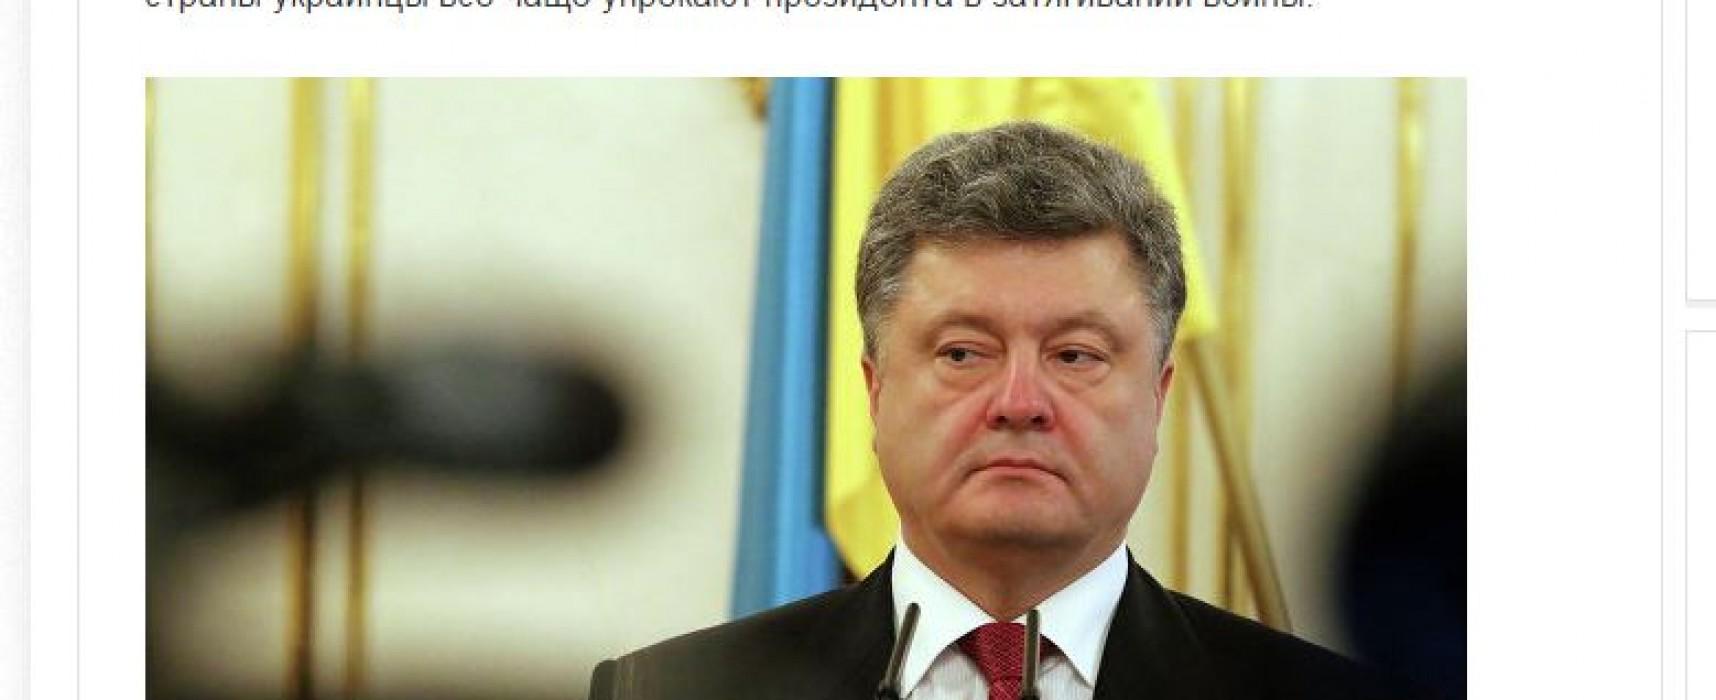 Presa rusă a denaturat sensul unui articol dintr-un ziar german despre preşedintele Ucrainei